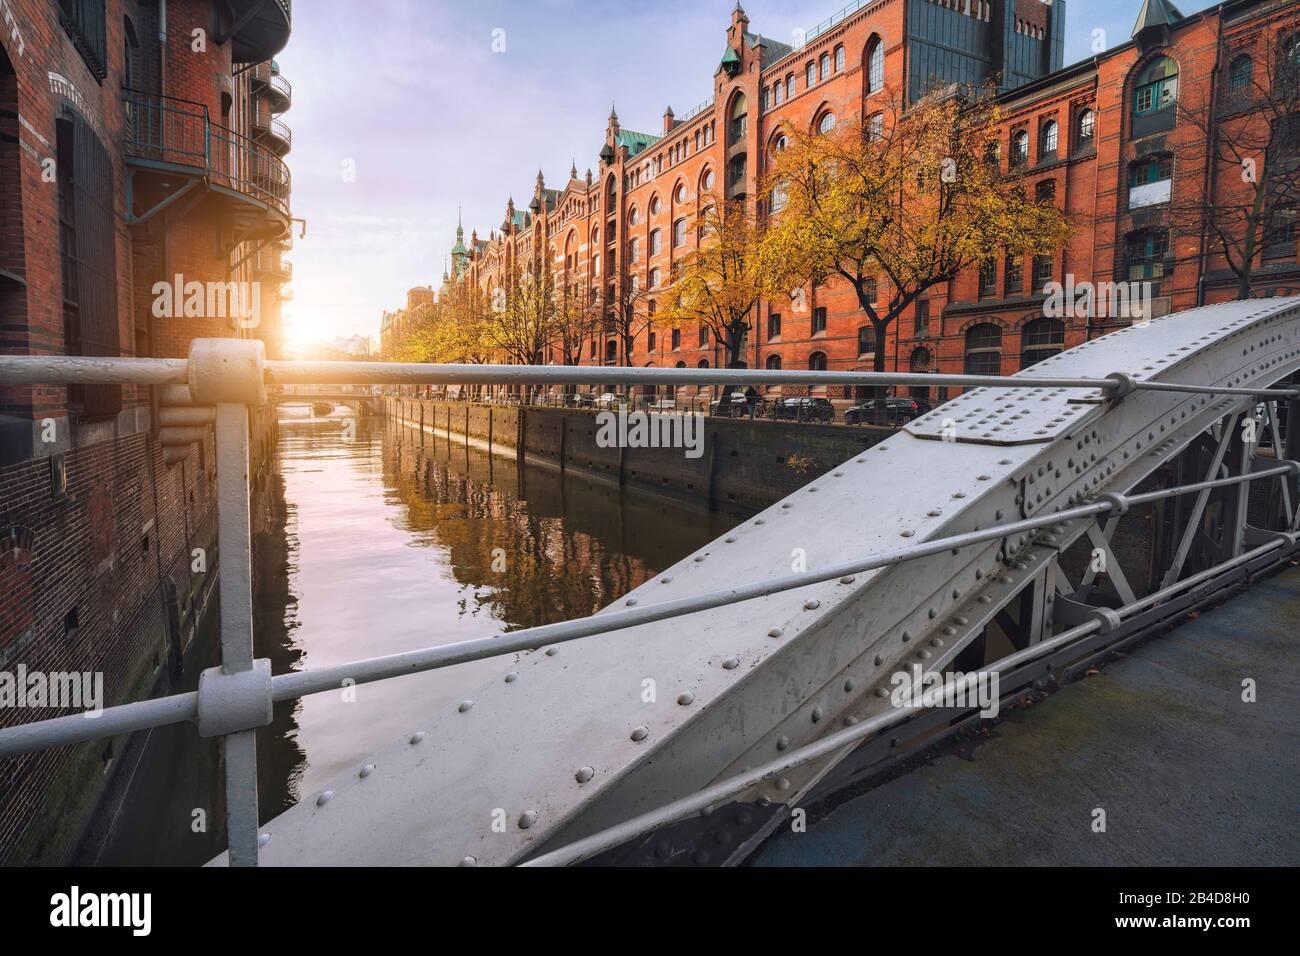 Puente arco sobre canales en el histórico distrito de almacenes de Hamburgo en la cálida luz de la puesta de sol, Alemania, Europa Foto de stock